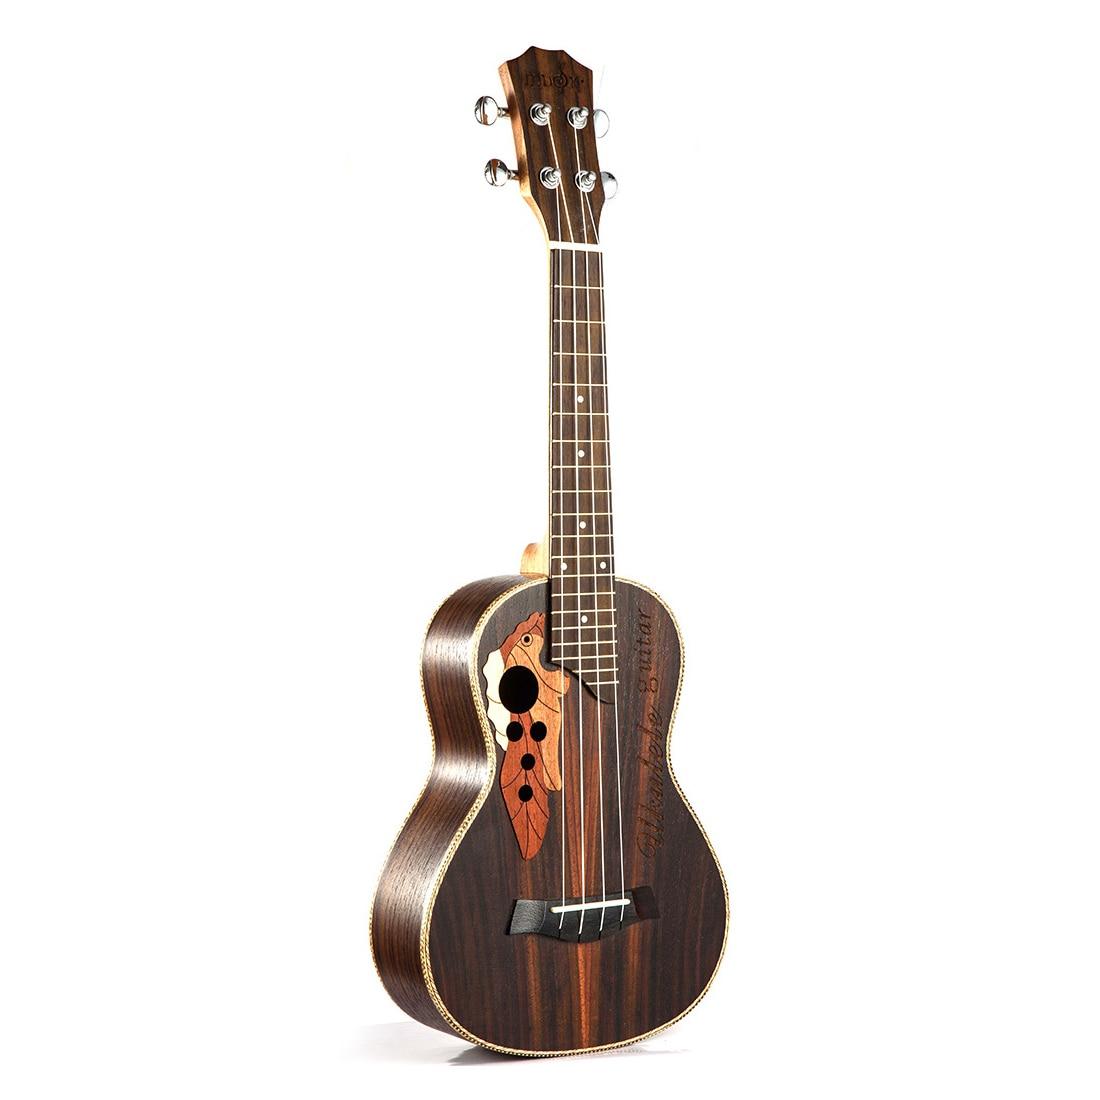 цена на SEWS-Soprano Concert Ukulele 23 inch rosewood uku Ukelele with 4 String mini Hawaii guitar Musical Instruments